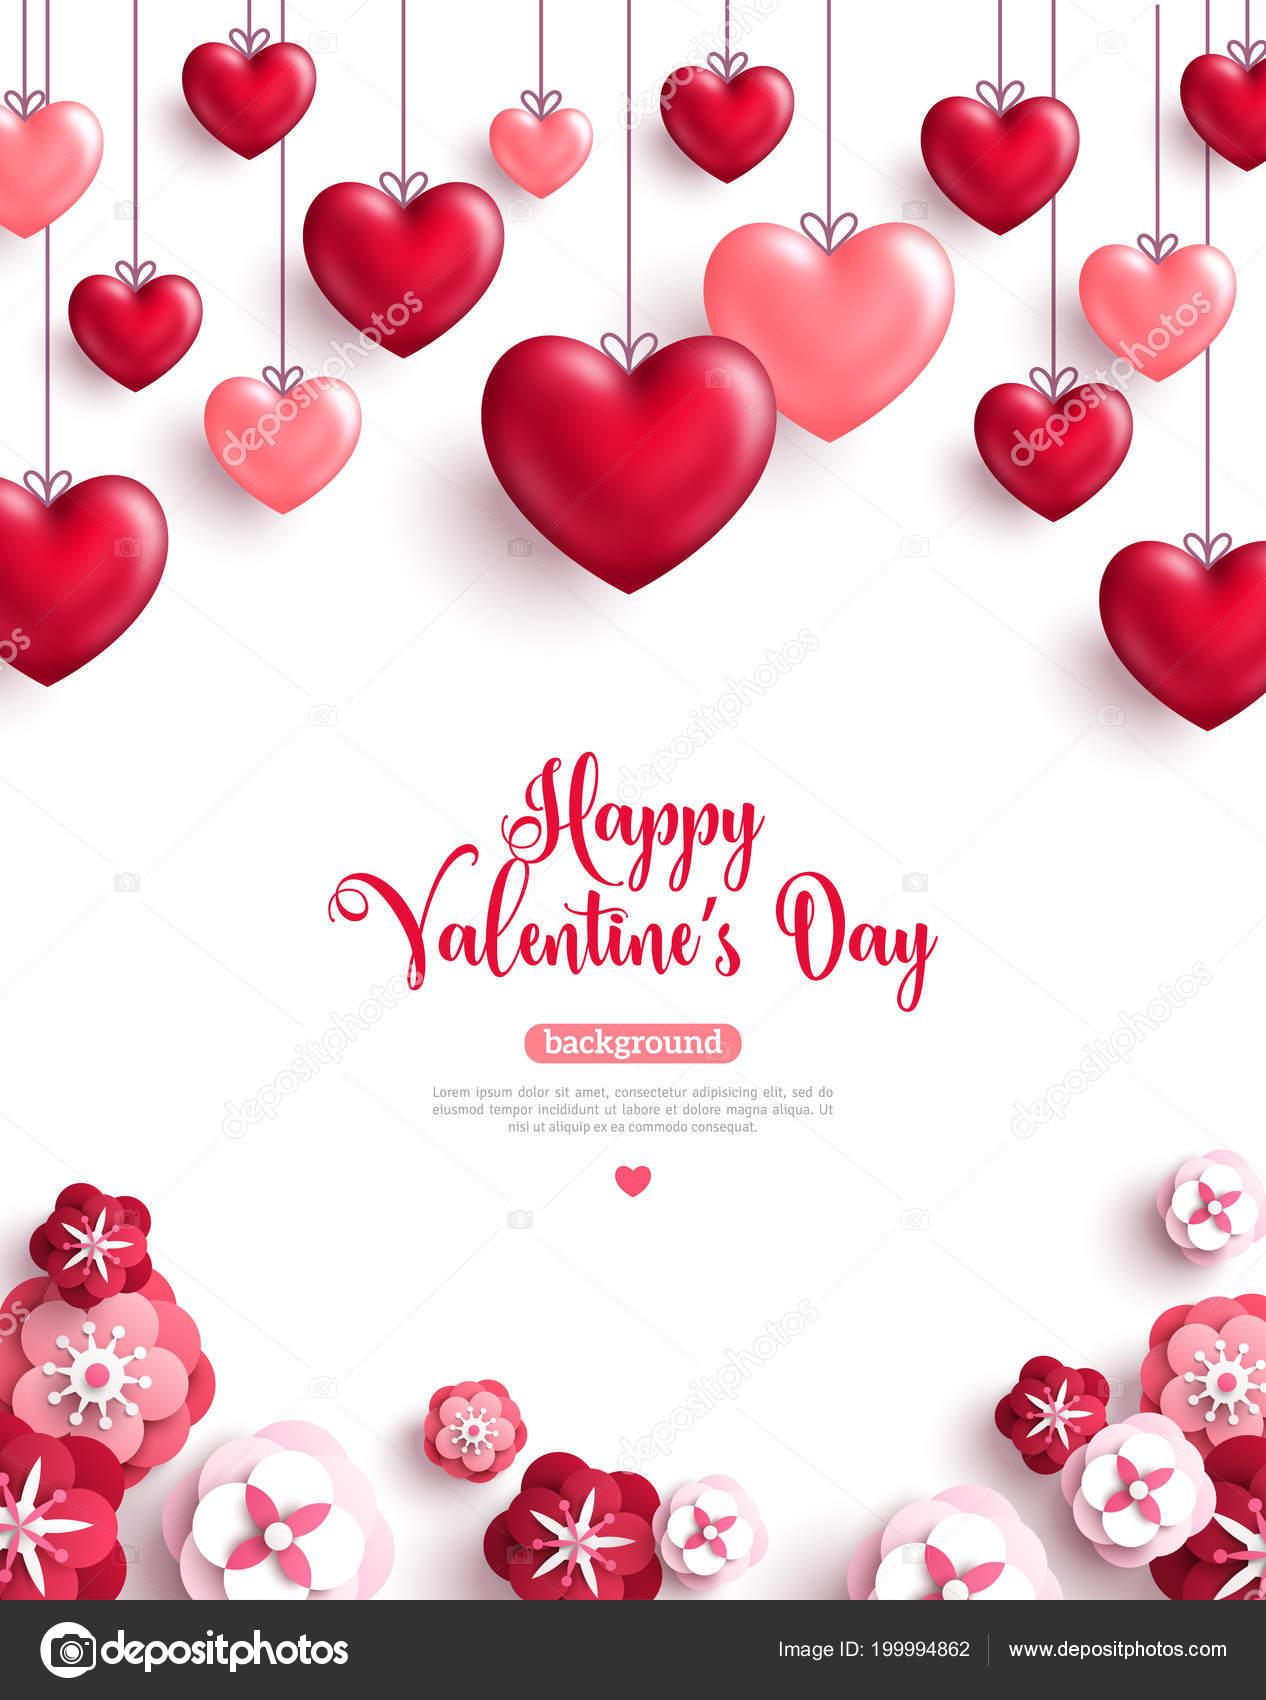 Fondo San Valentin Con Corazones Decoracion Papel Corta Rosas Feliz - Corazones-de-decoracion